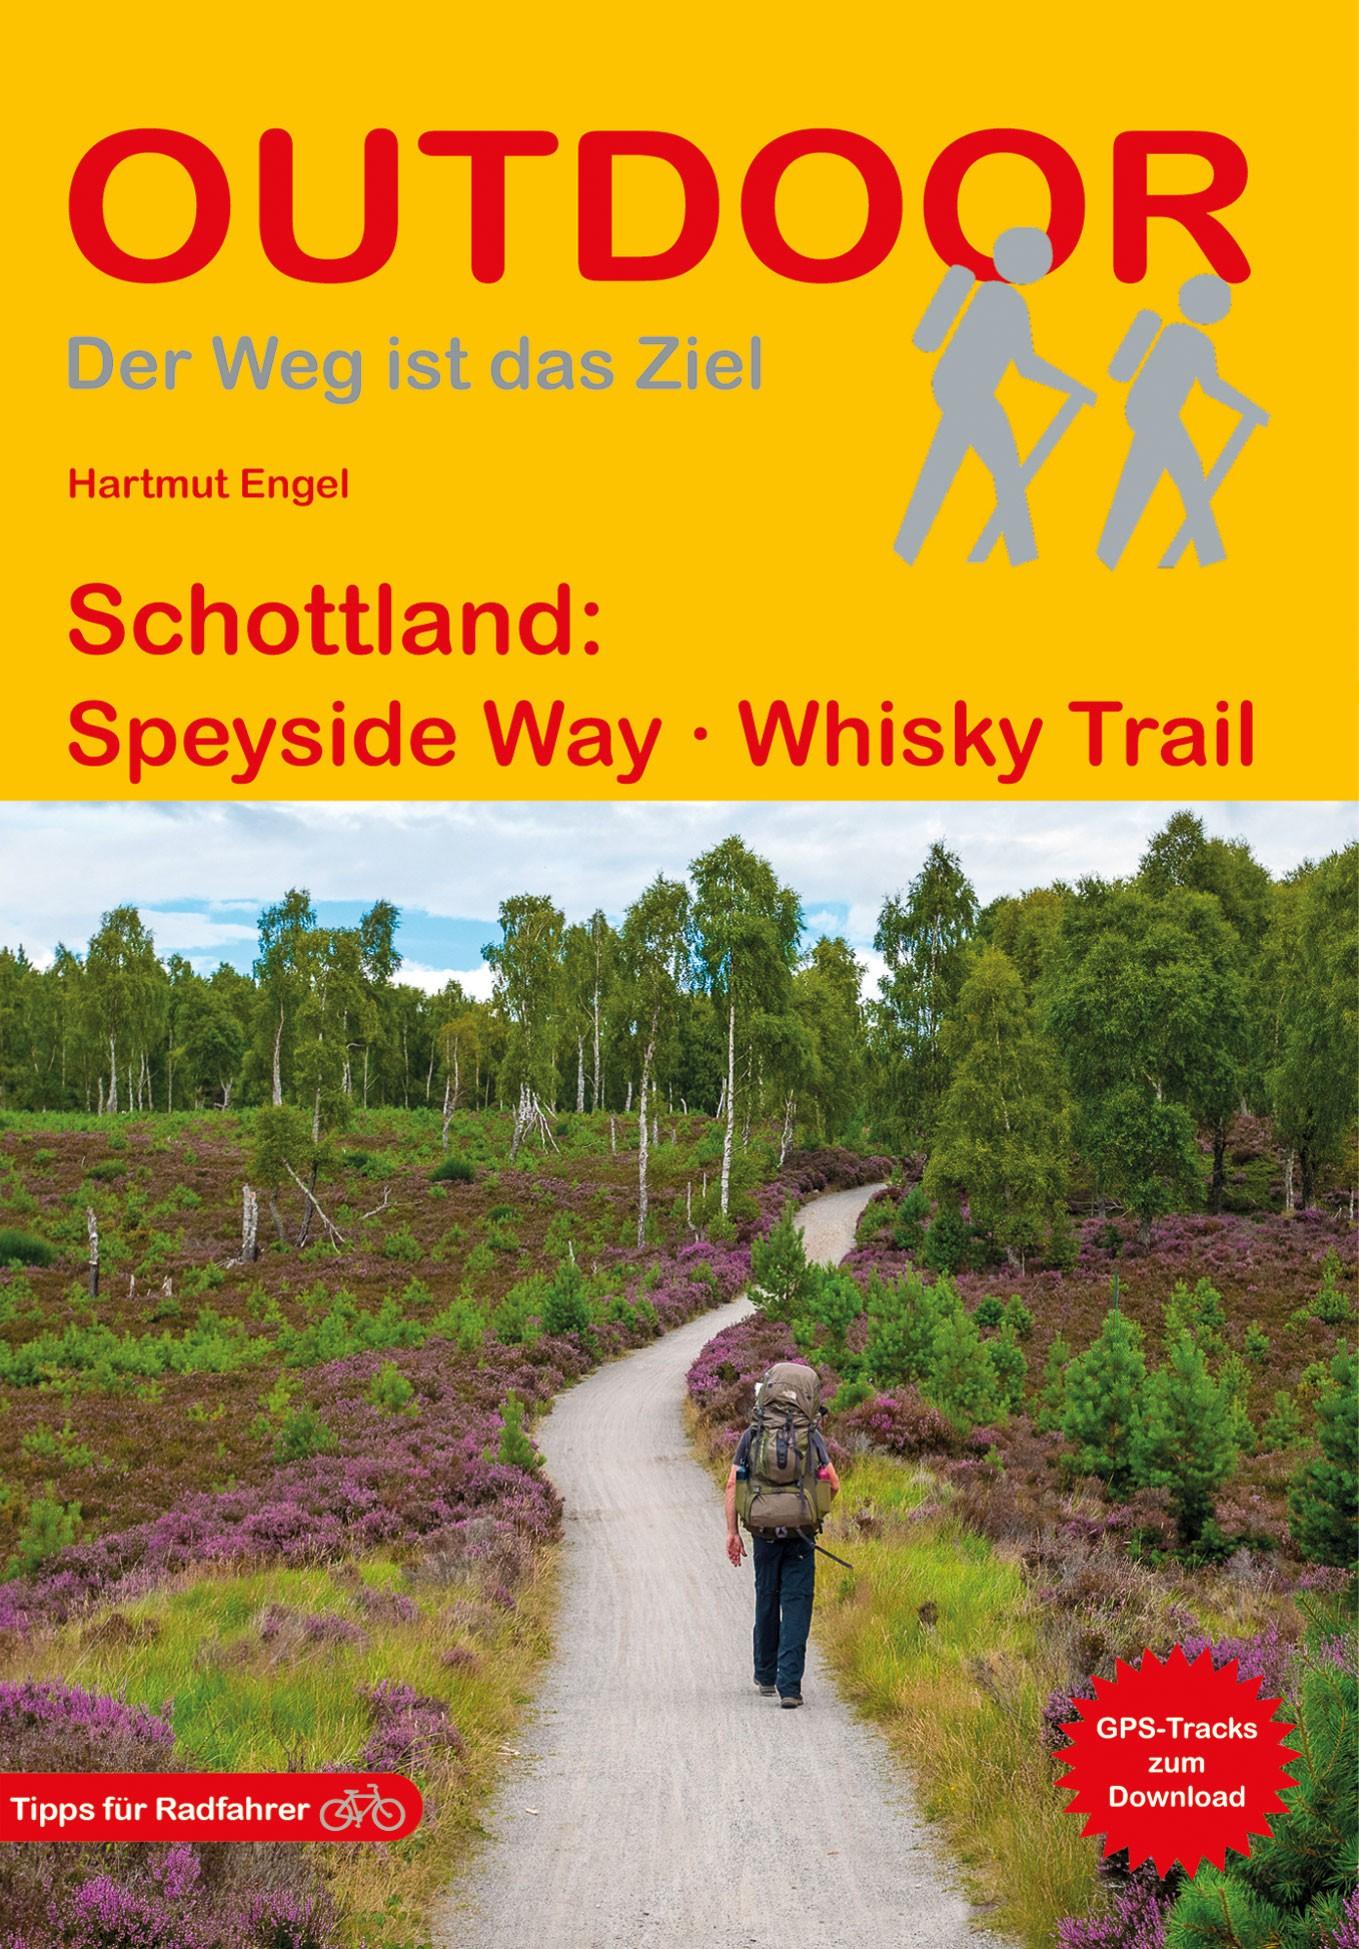 Schottland: Speyside Way - Whisky Trail